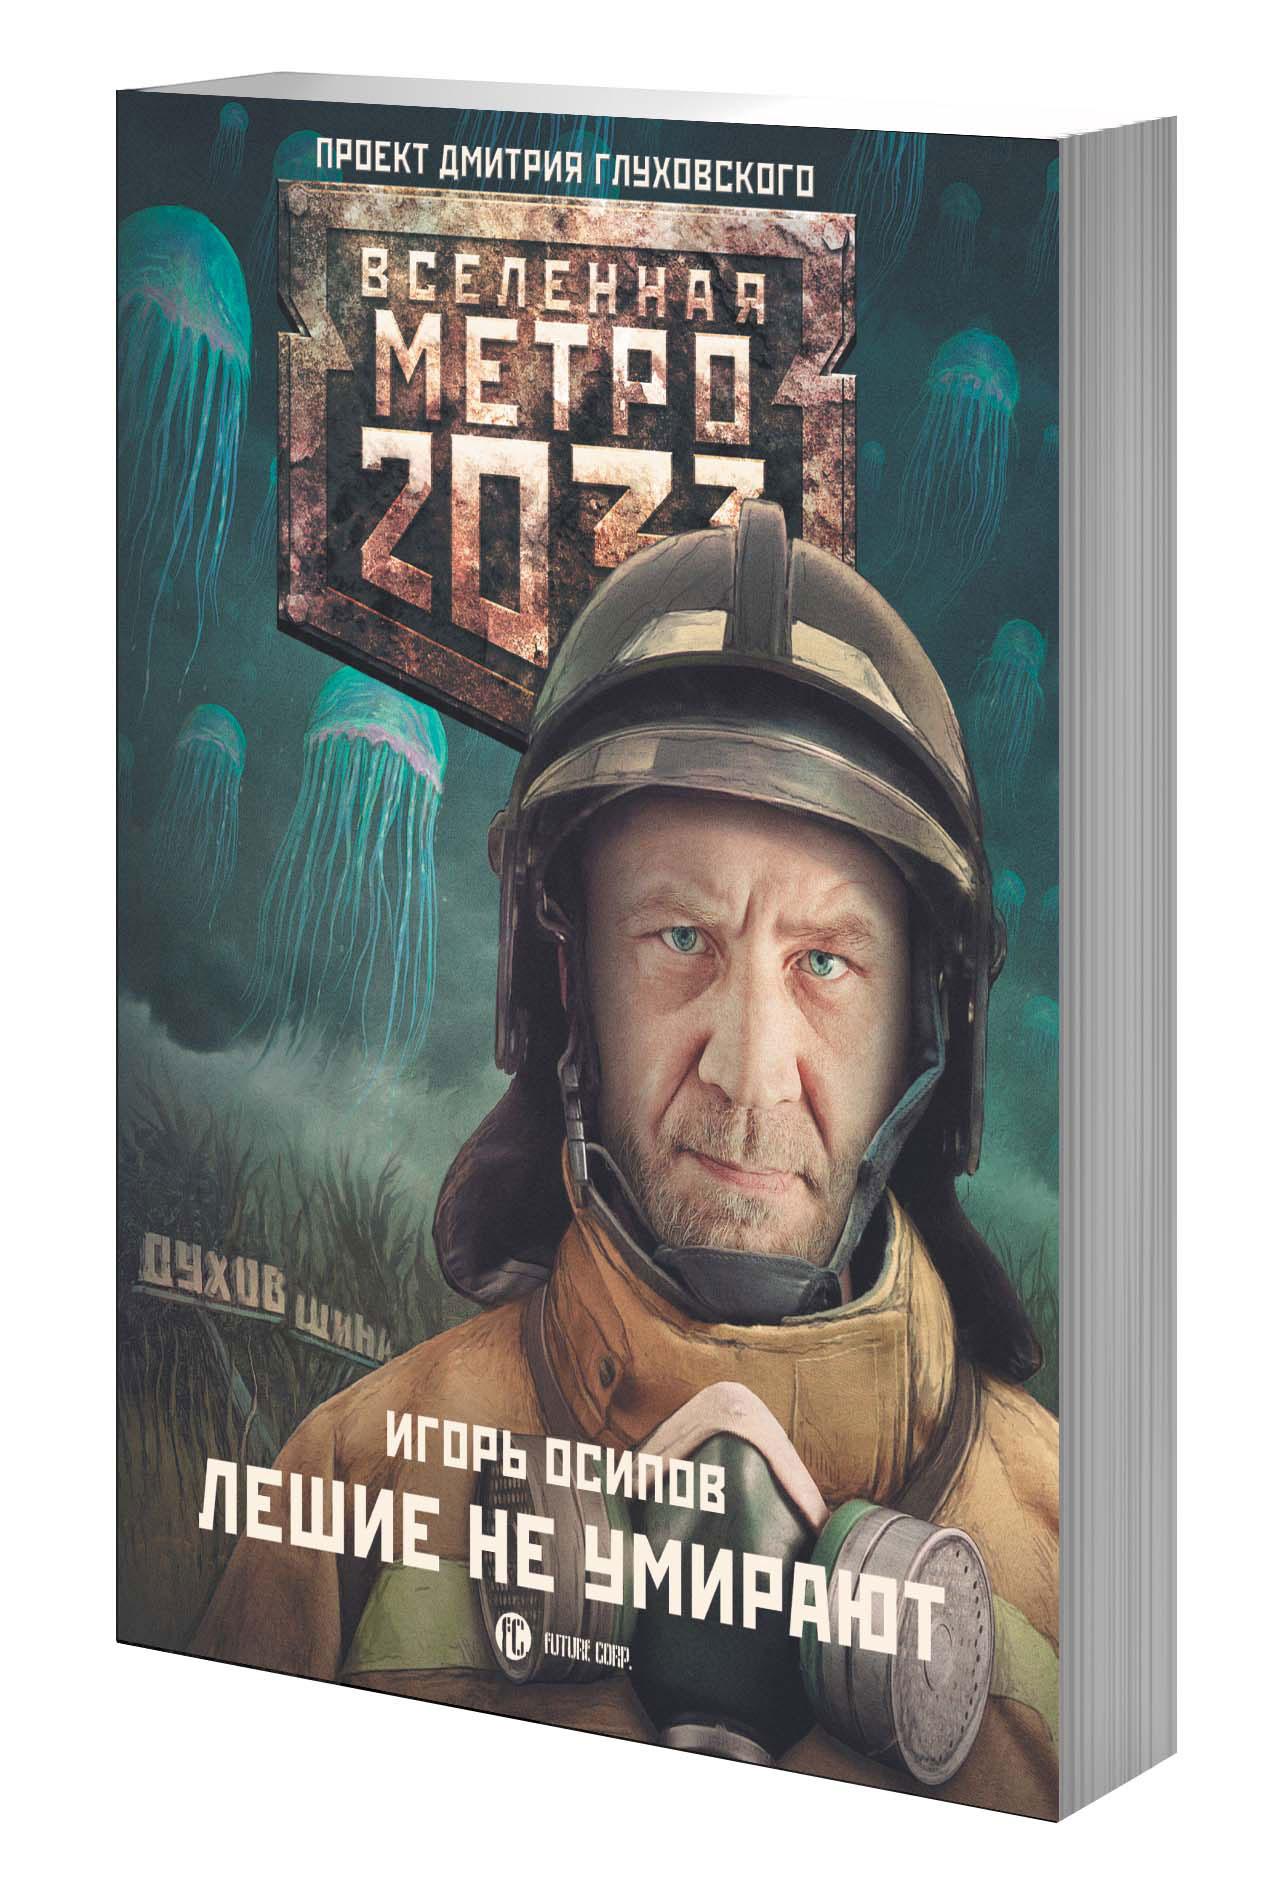 Игорь Осипов Метро 2033. Лешие не умирают